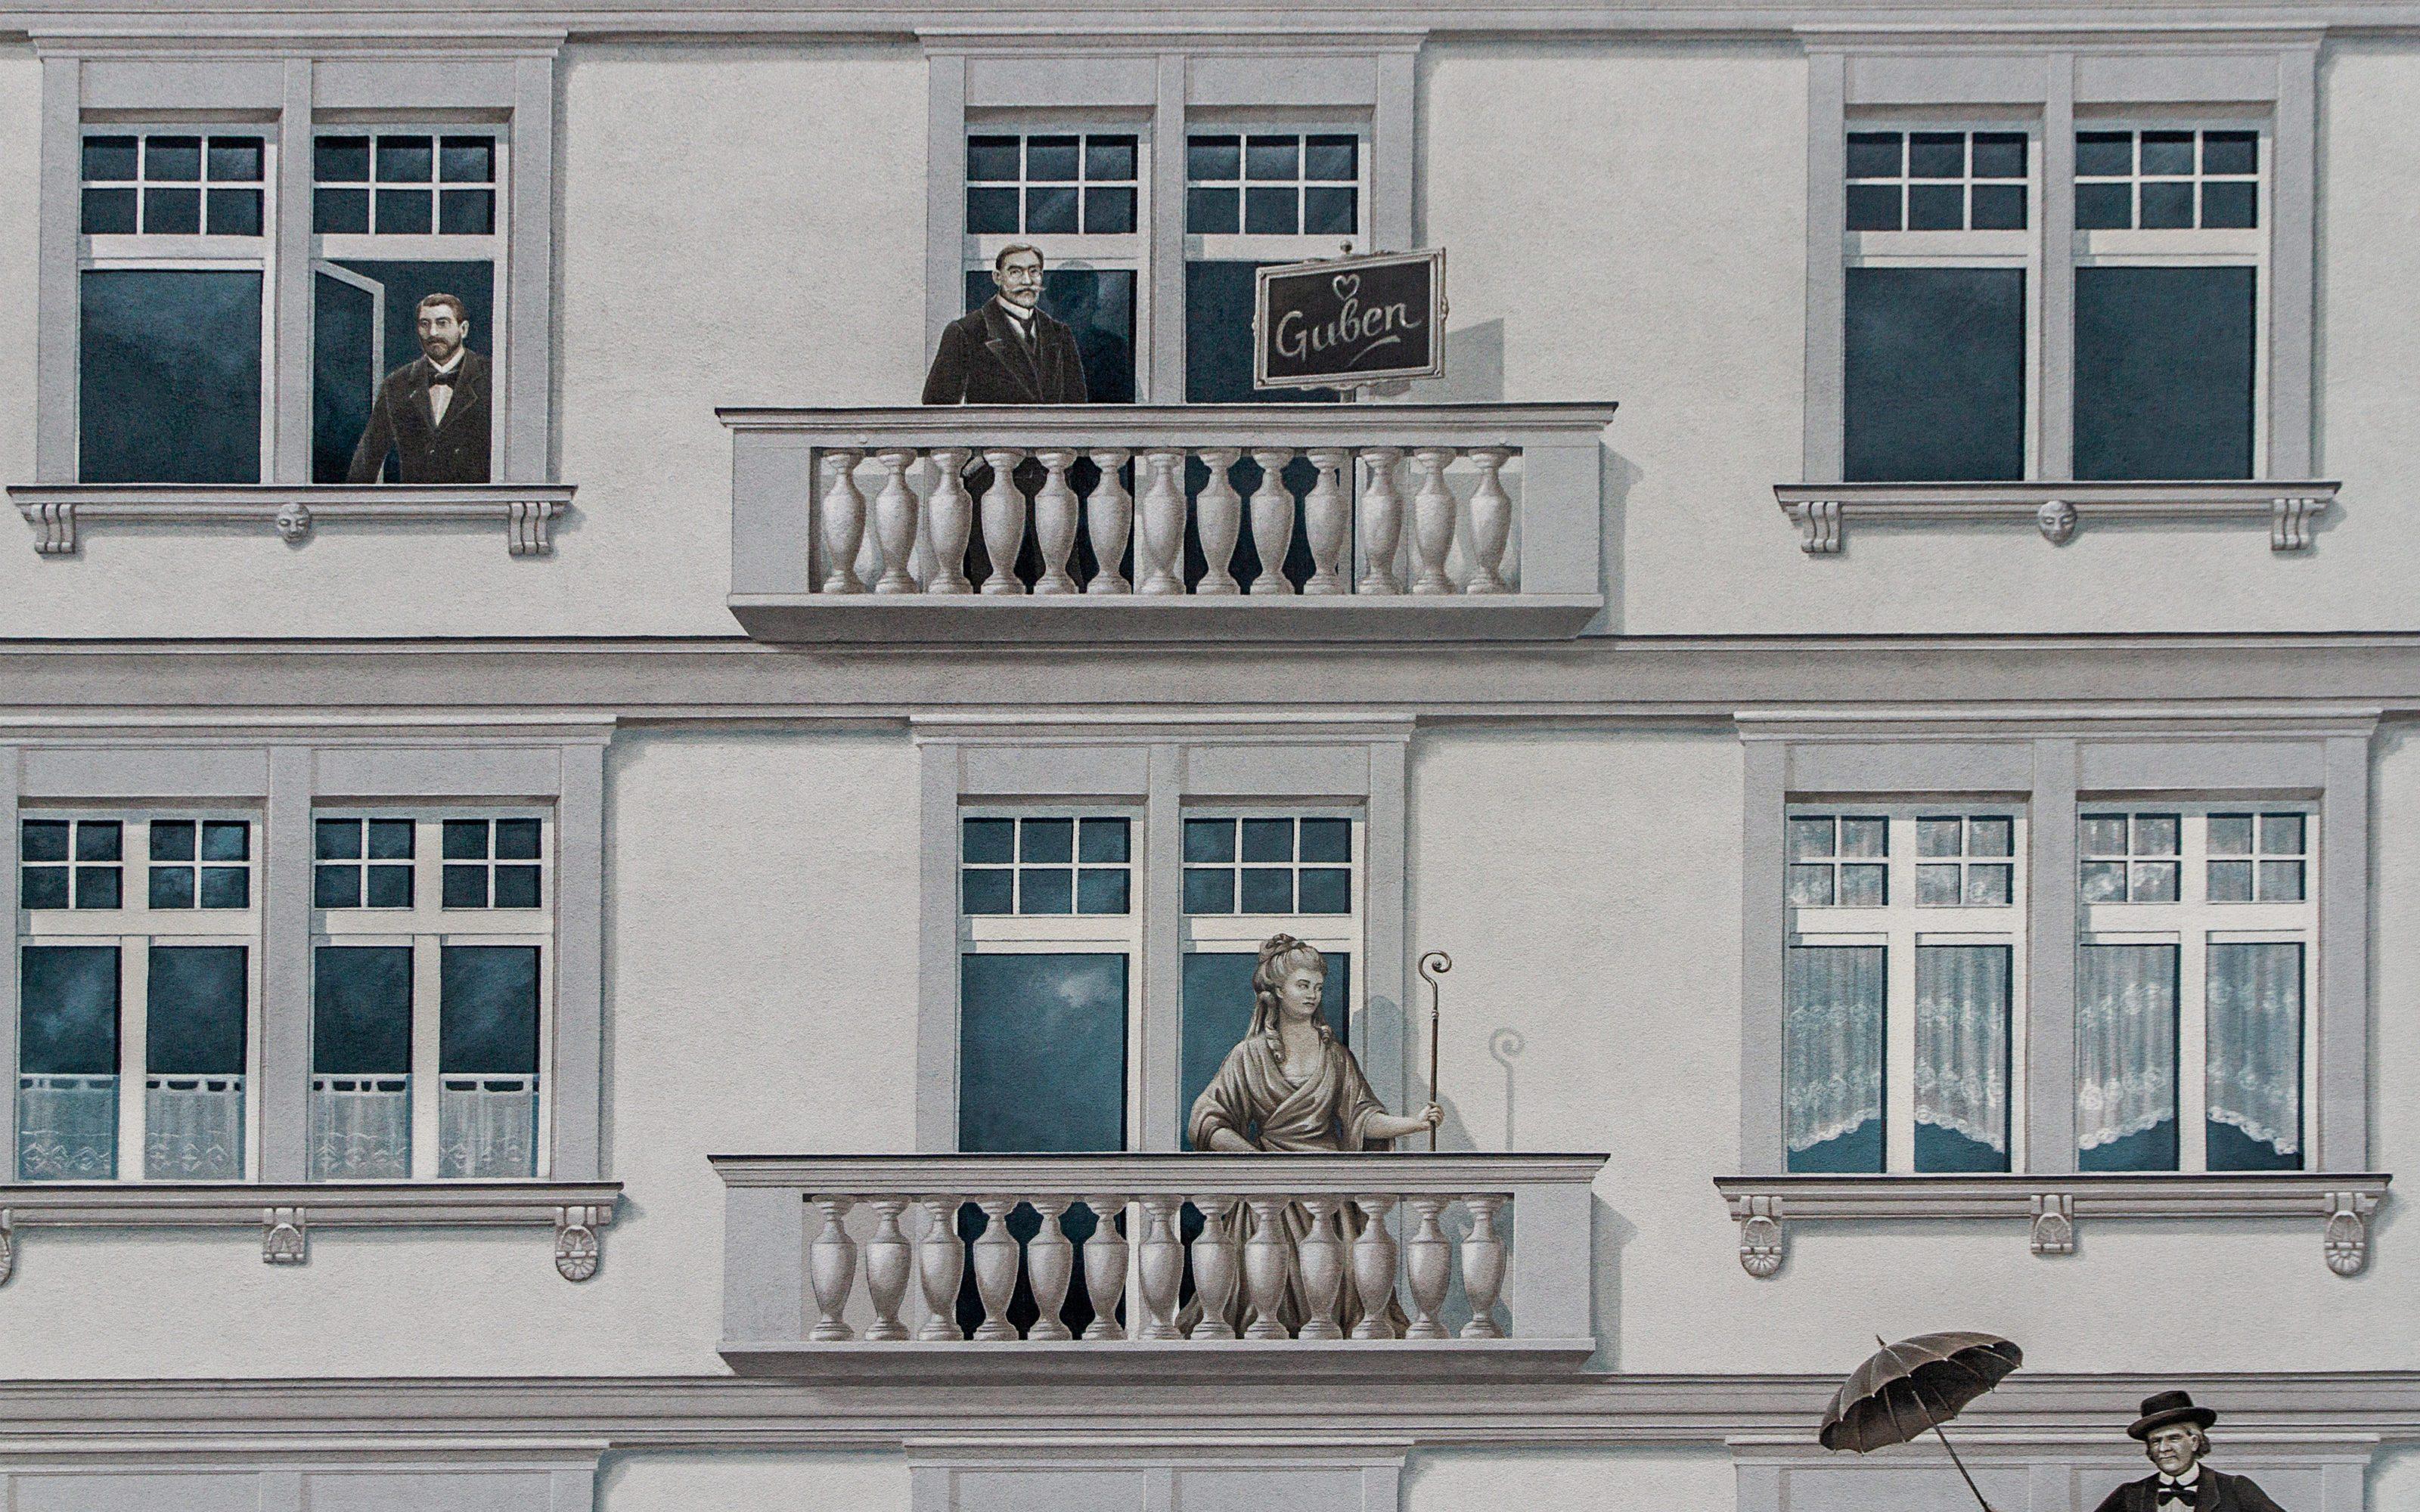 GRACO-Guben-Fassadenmalerei-Illusionsmalerei-Projekt